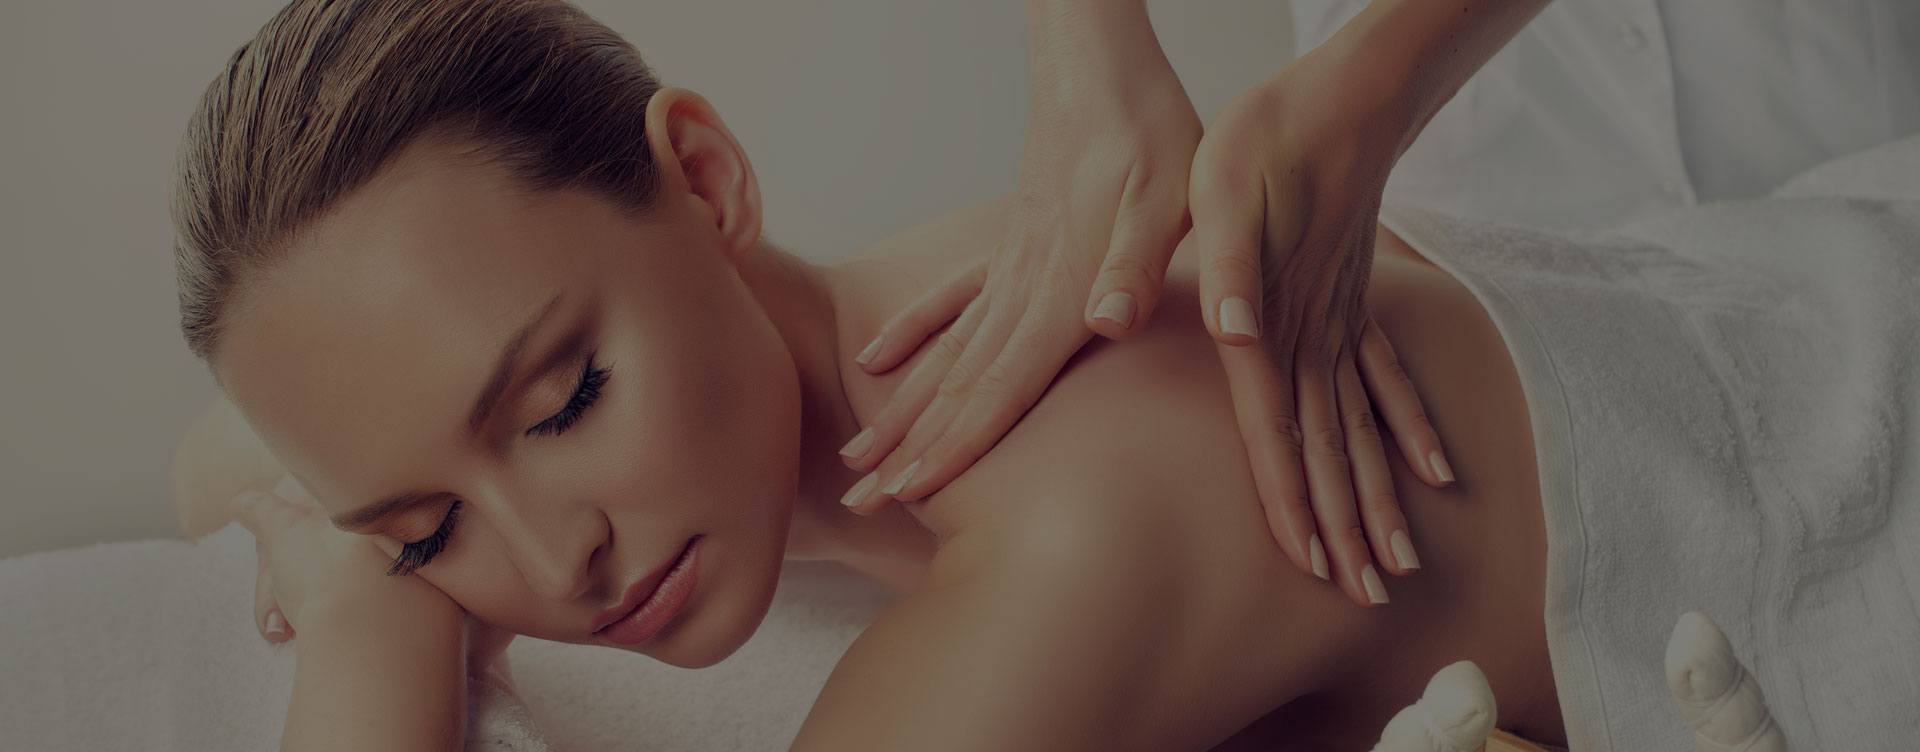 massage relasant a paris